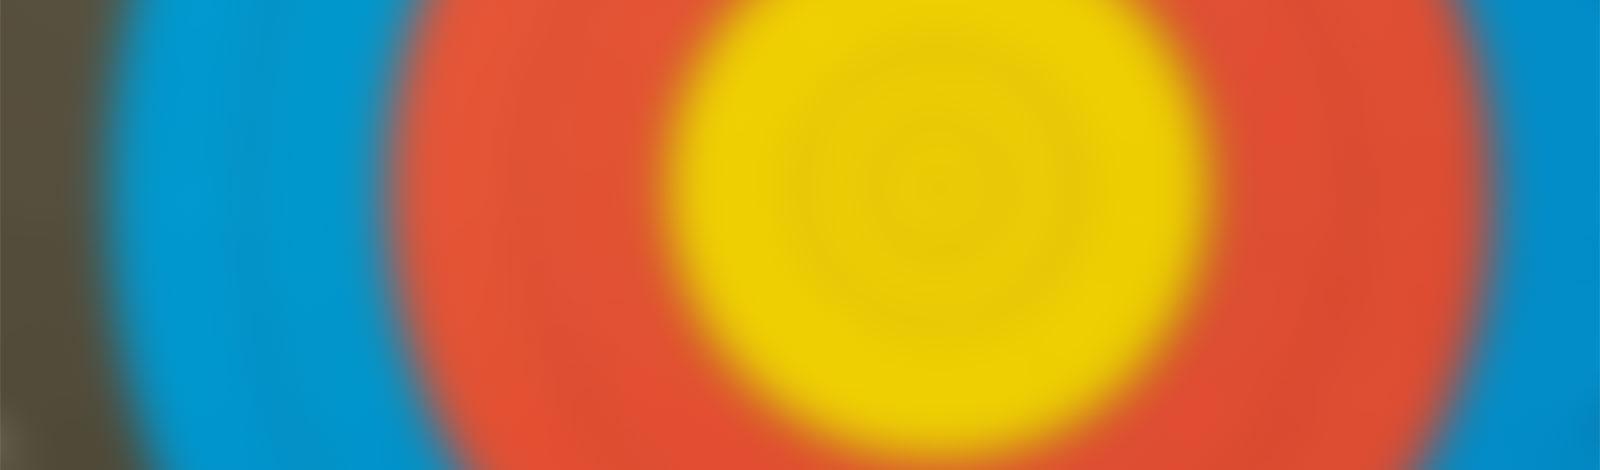 Verschwommene Farben einer Zielauflage